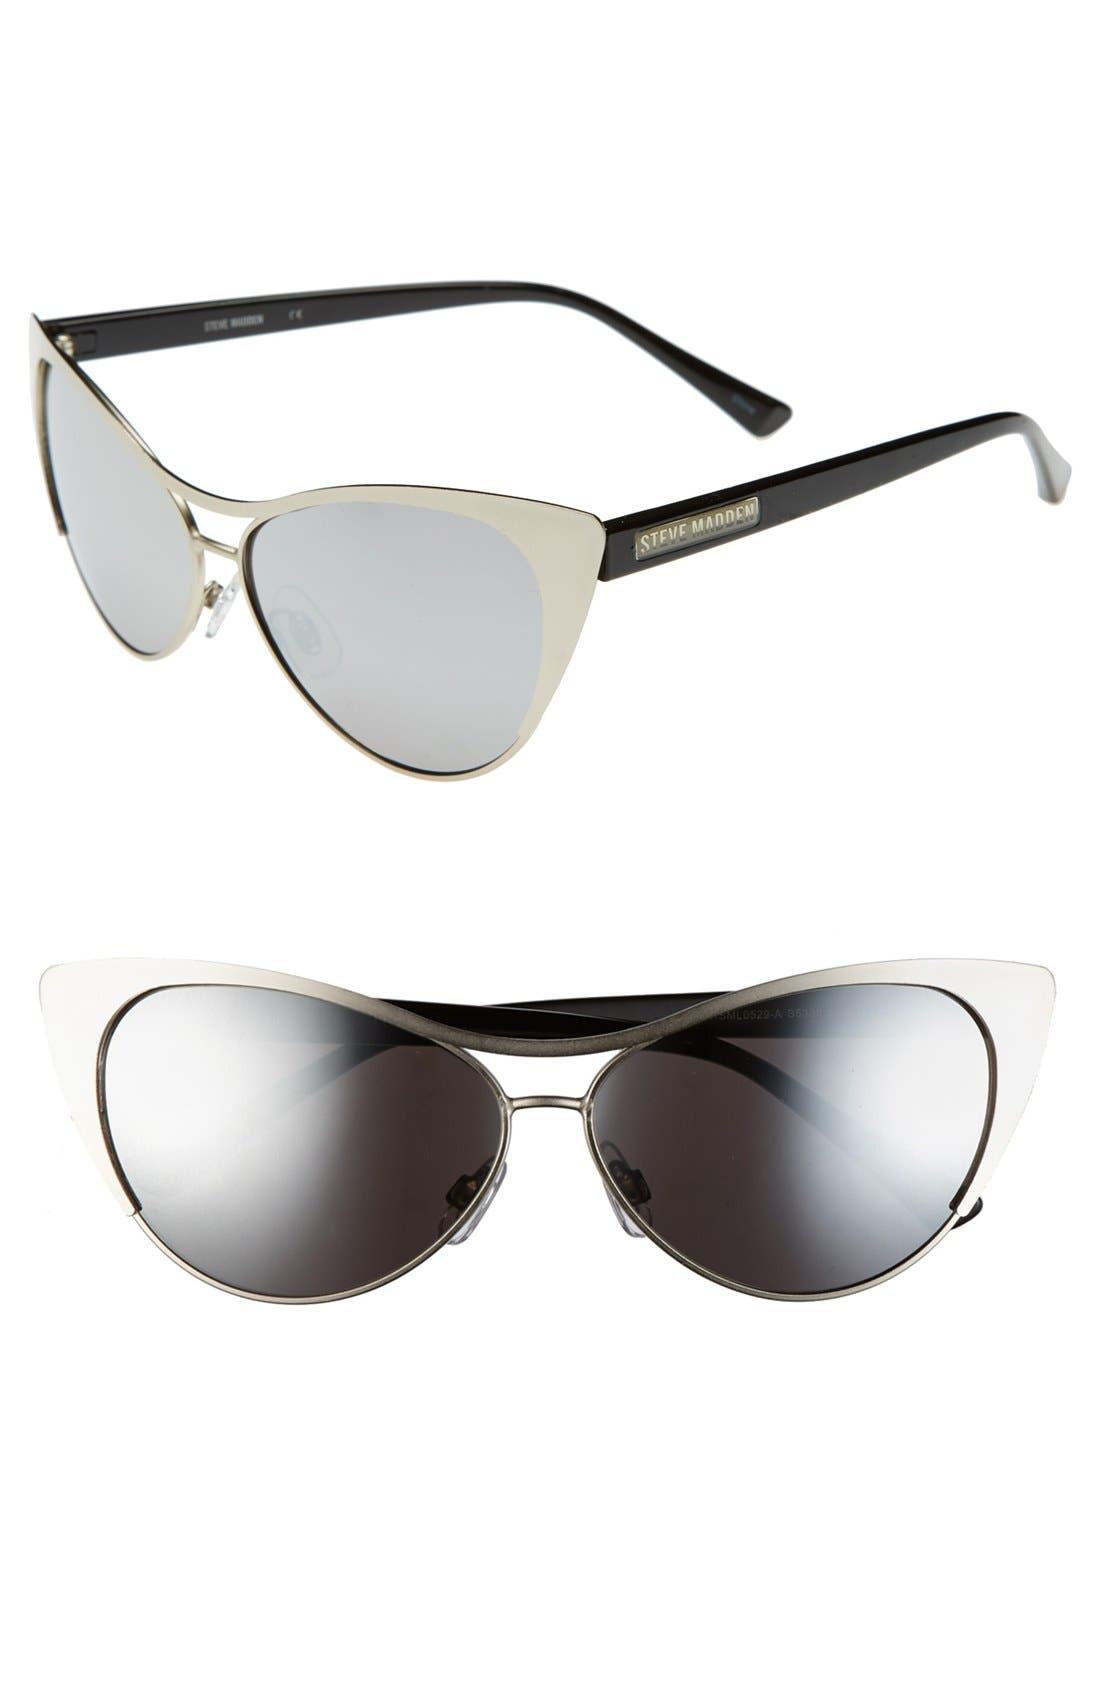 Main Image - Steve Madden 60mm Cat Eye Sunglasses